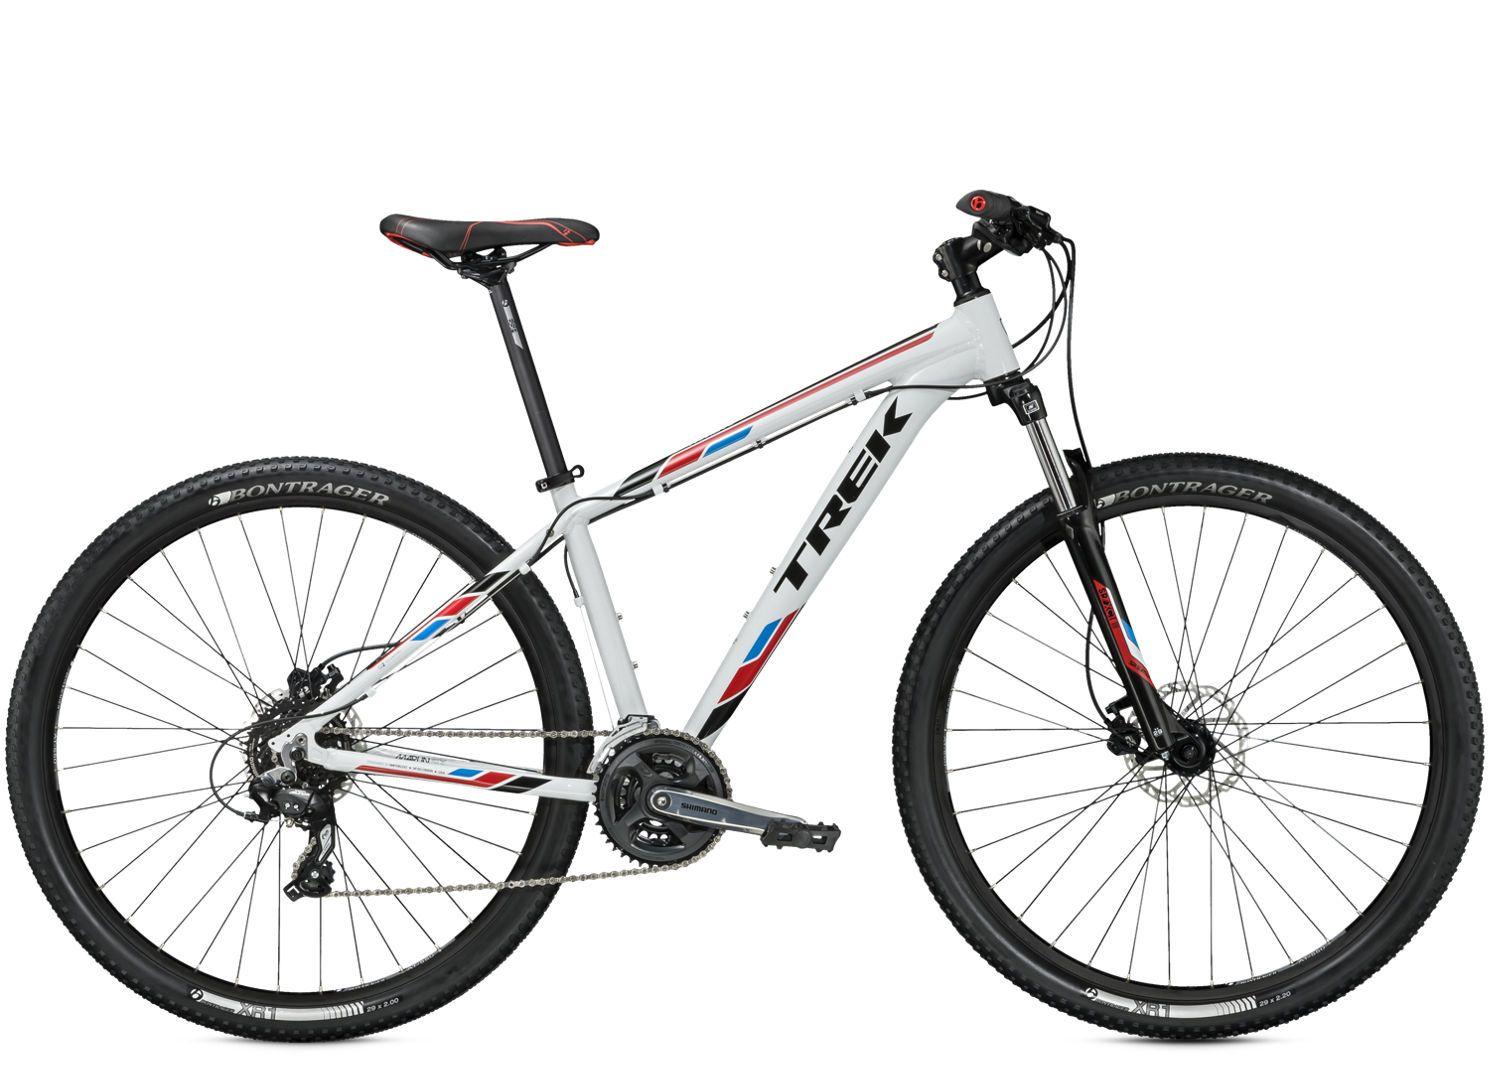 Marlin 6 - Trek Bicycle